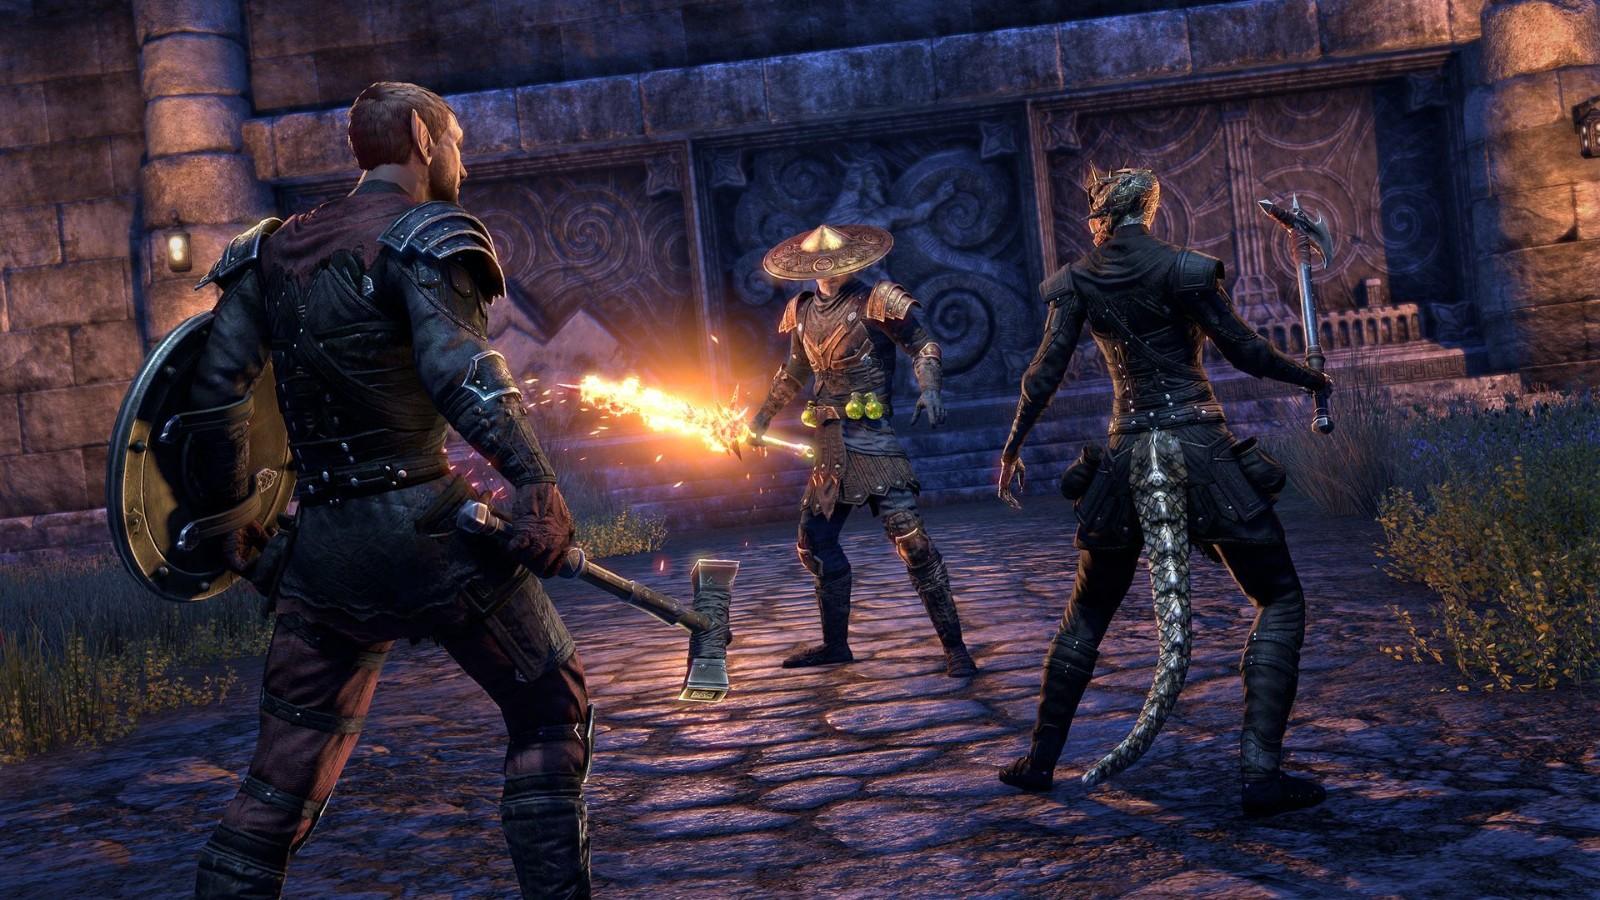 《上古卷轴OL》新DLC预告 全新冒险历程开启